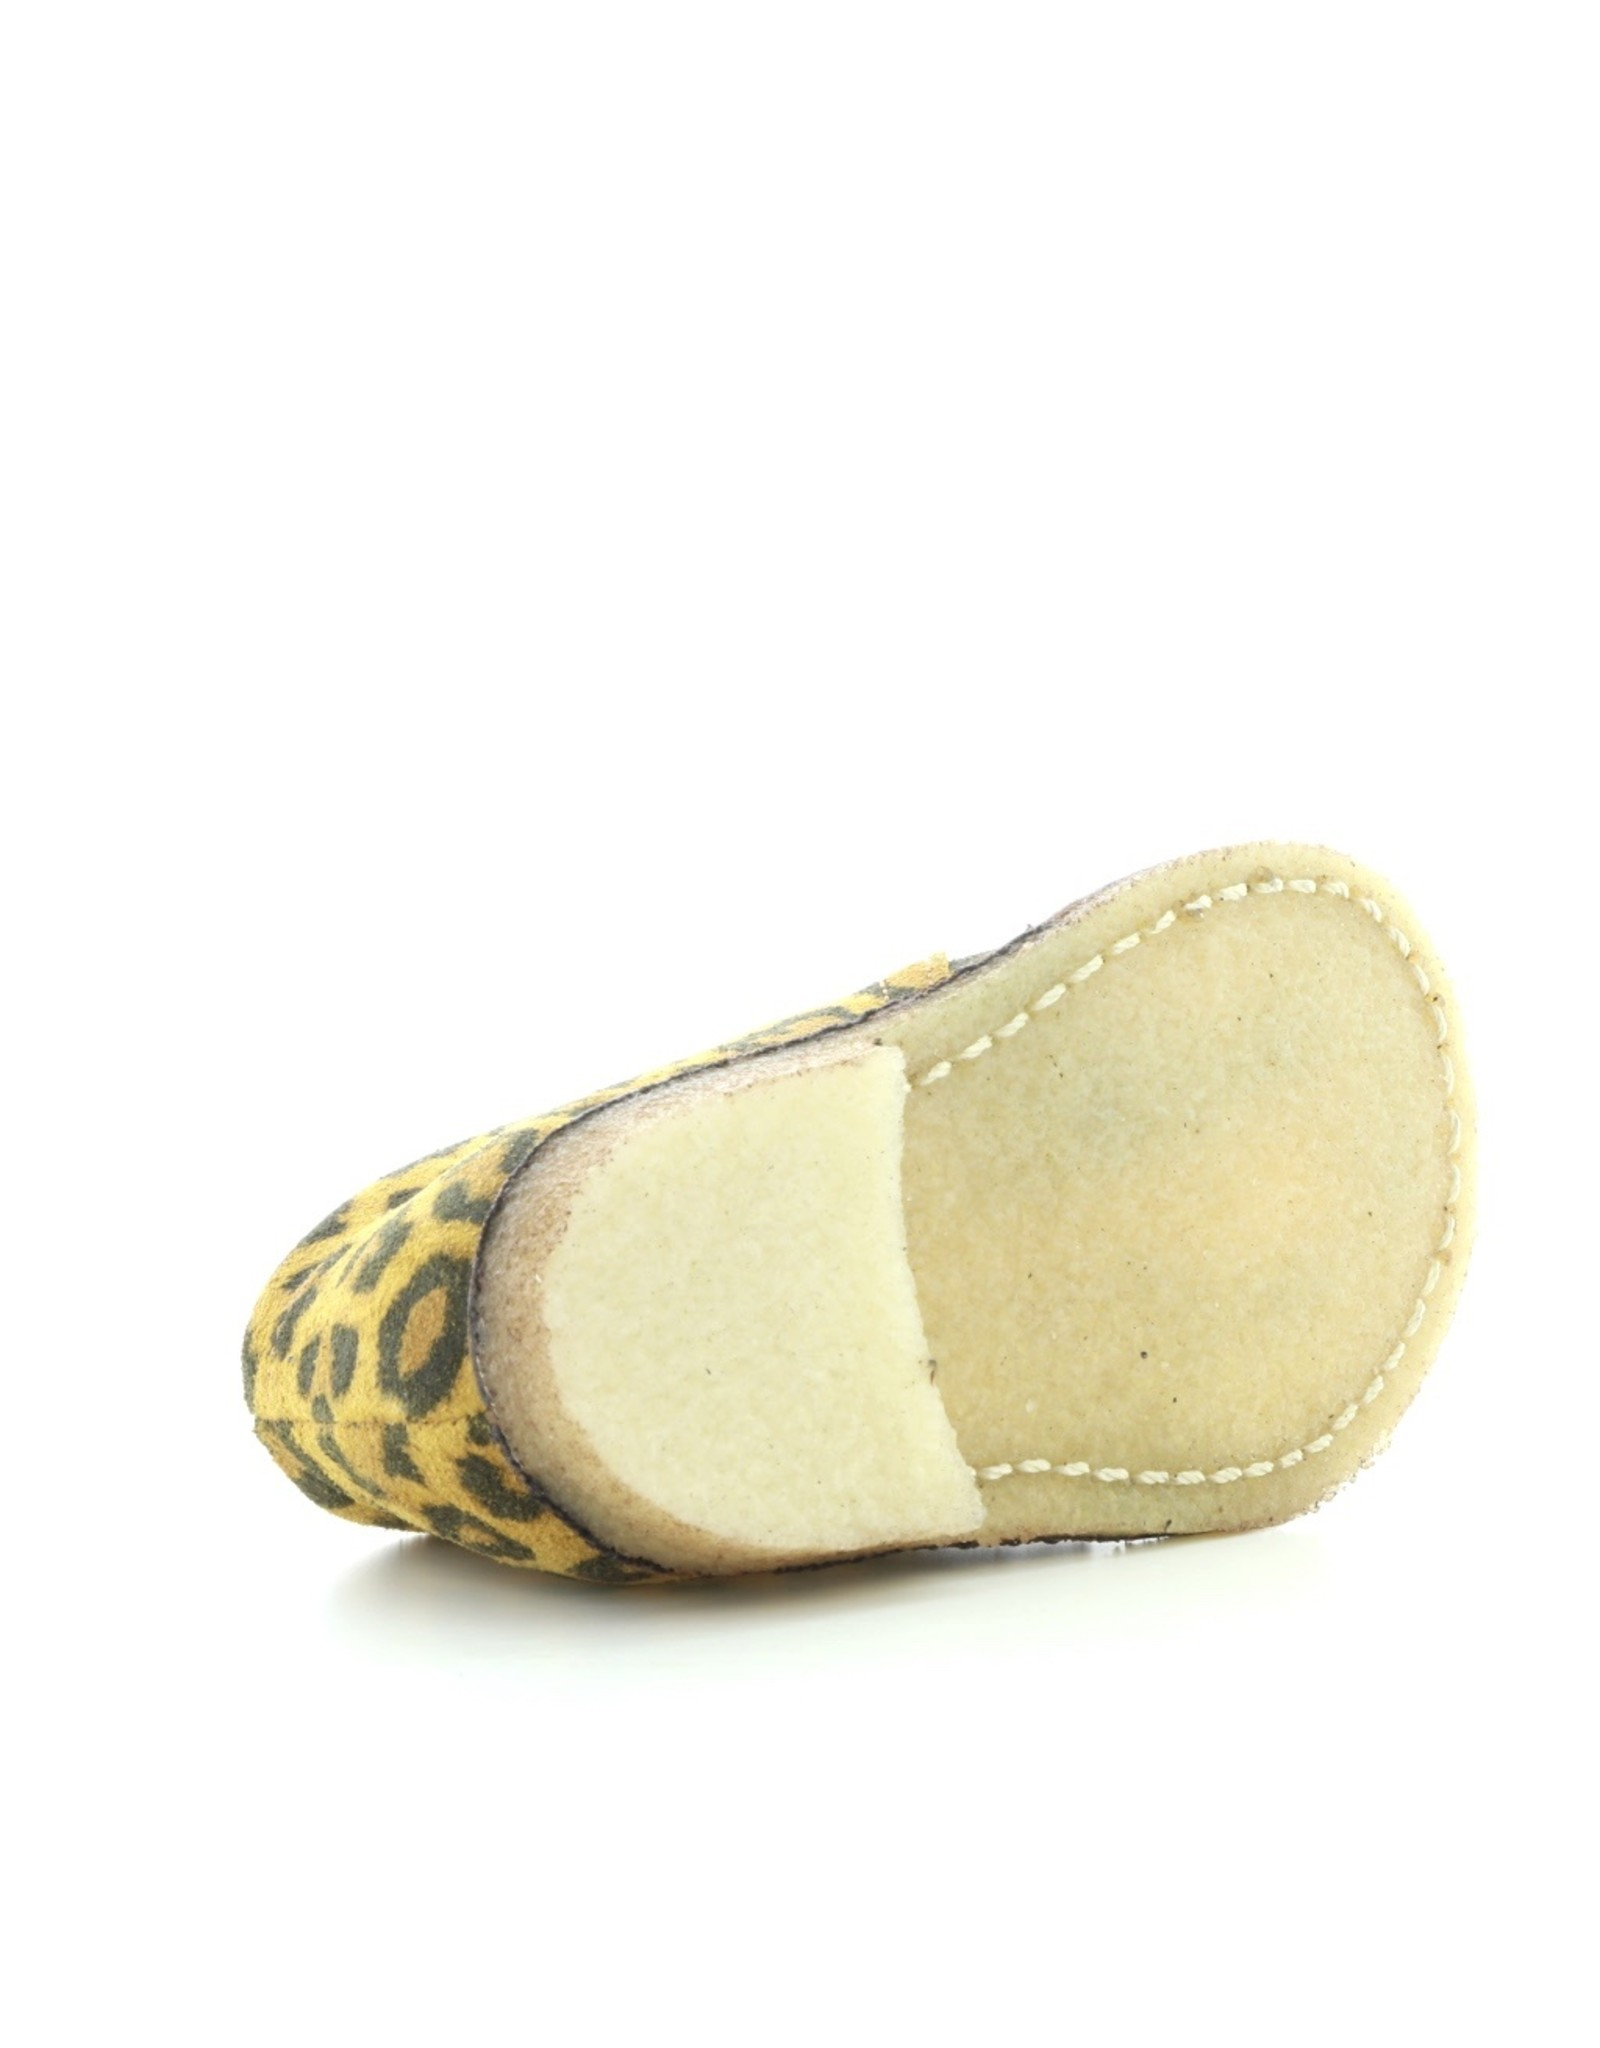 Gallucci 1402 cuoio gold